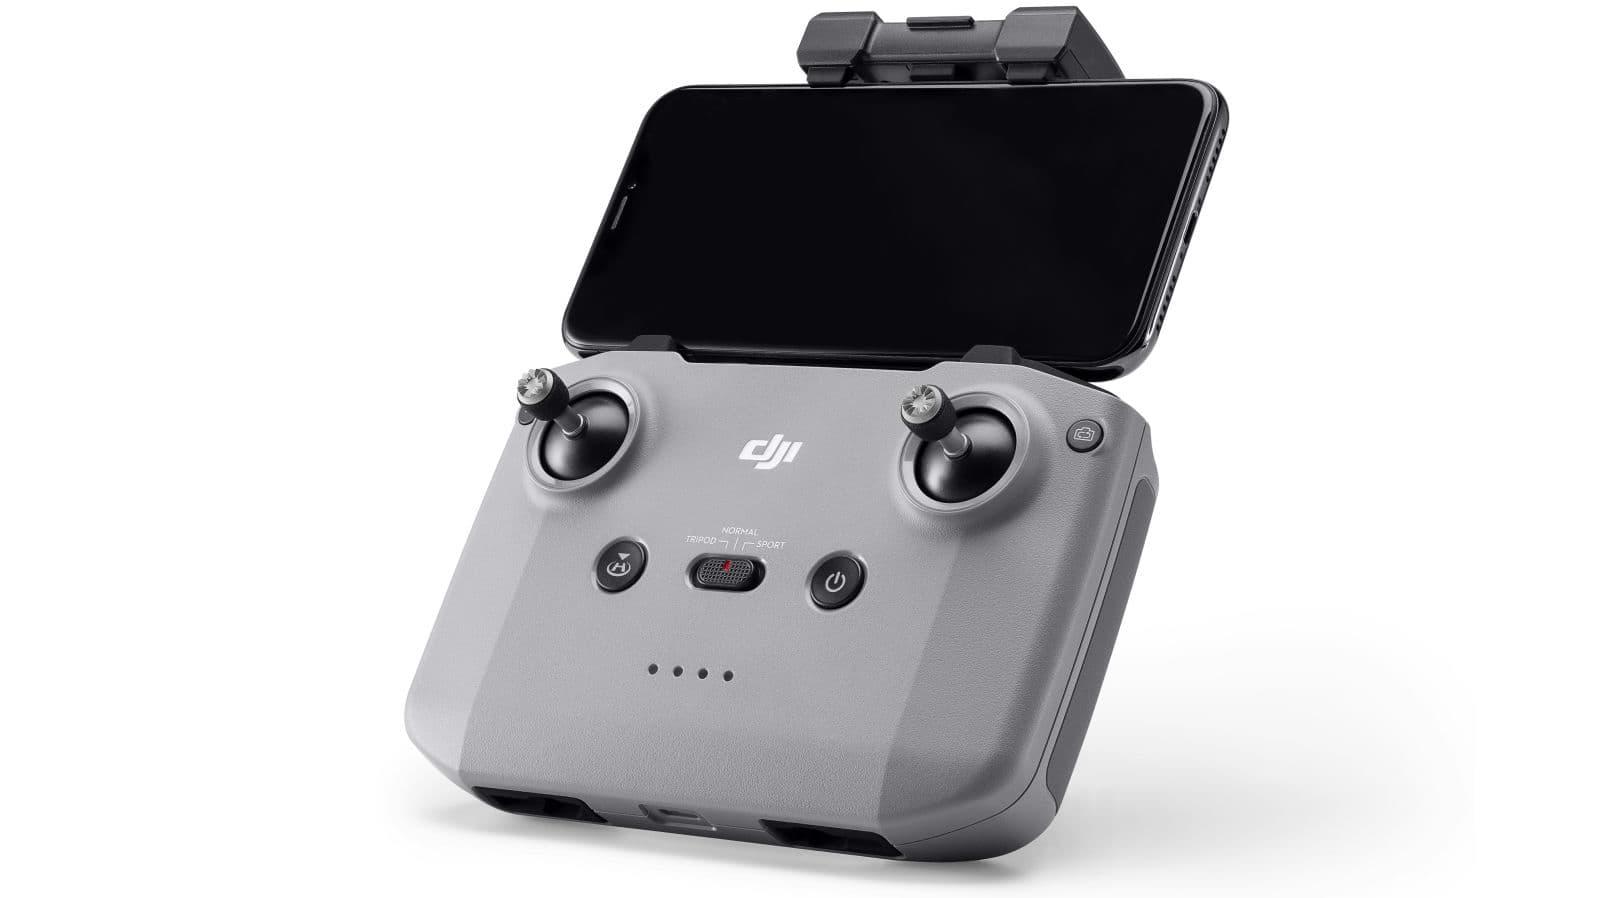 Com um suporte para smartphone, o novo controlador do Mavic Air 2 deve ser mais fácil e mais intuitivo de usa